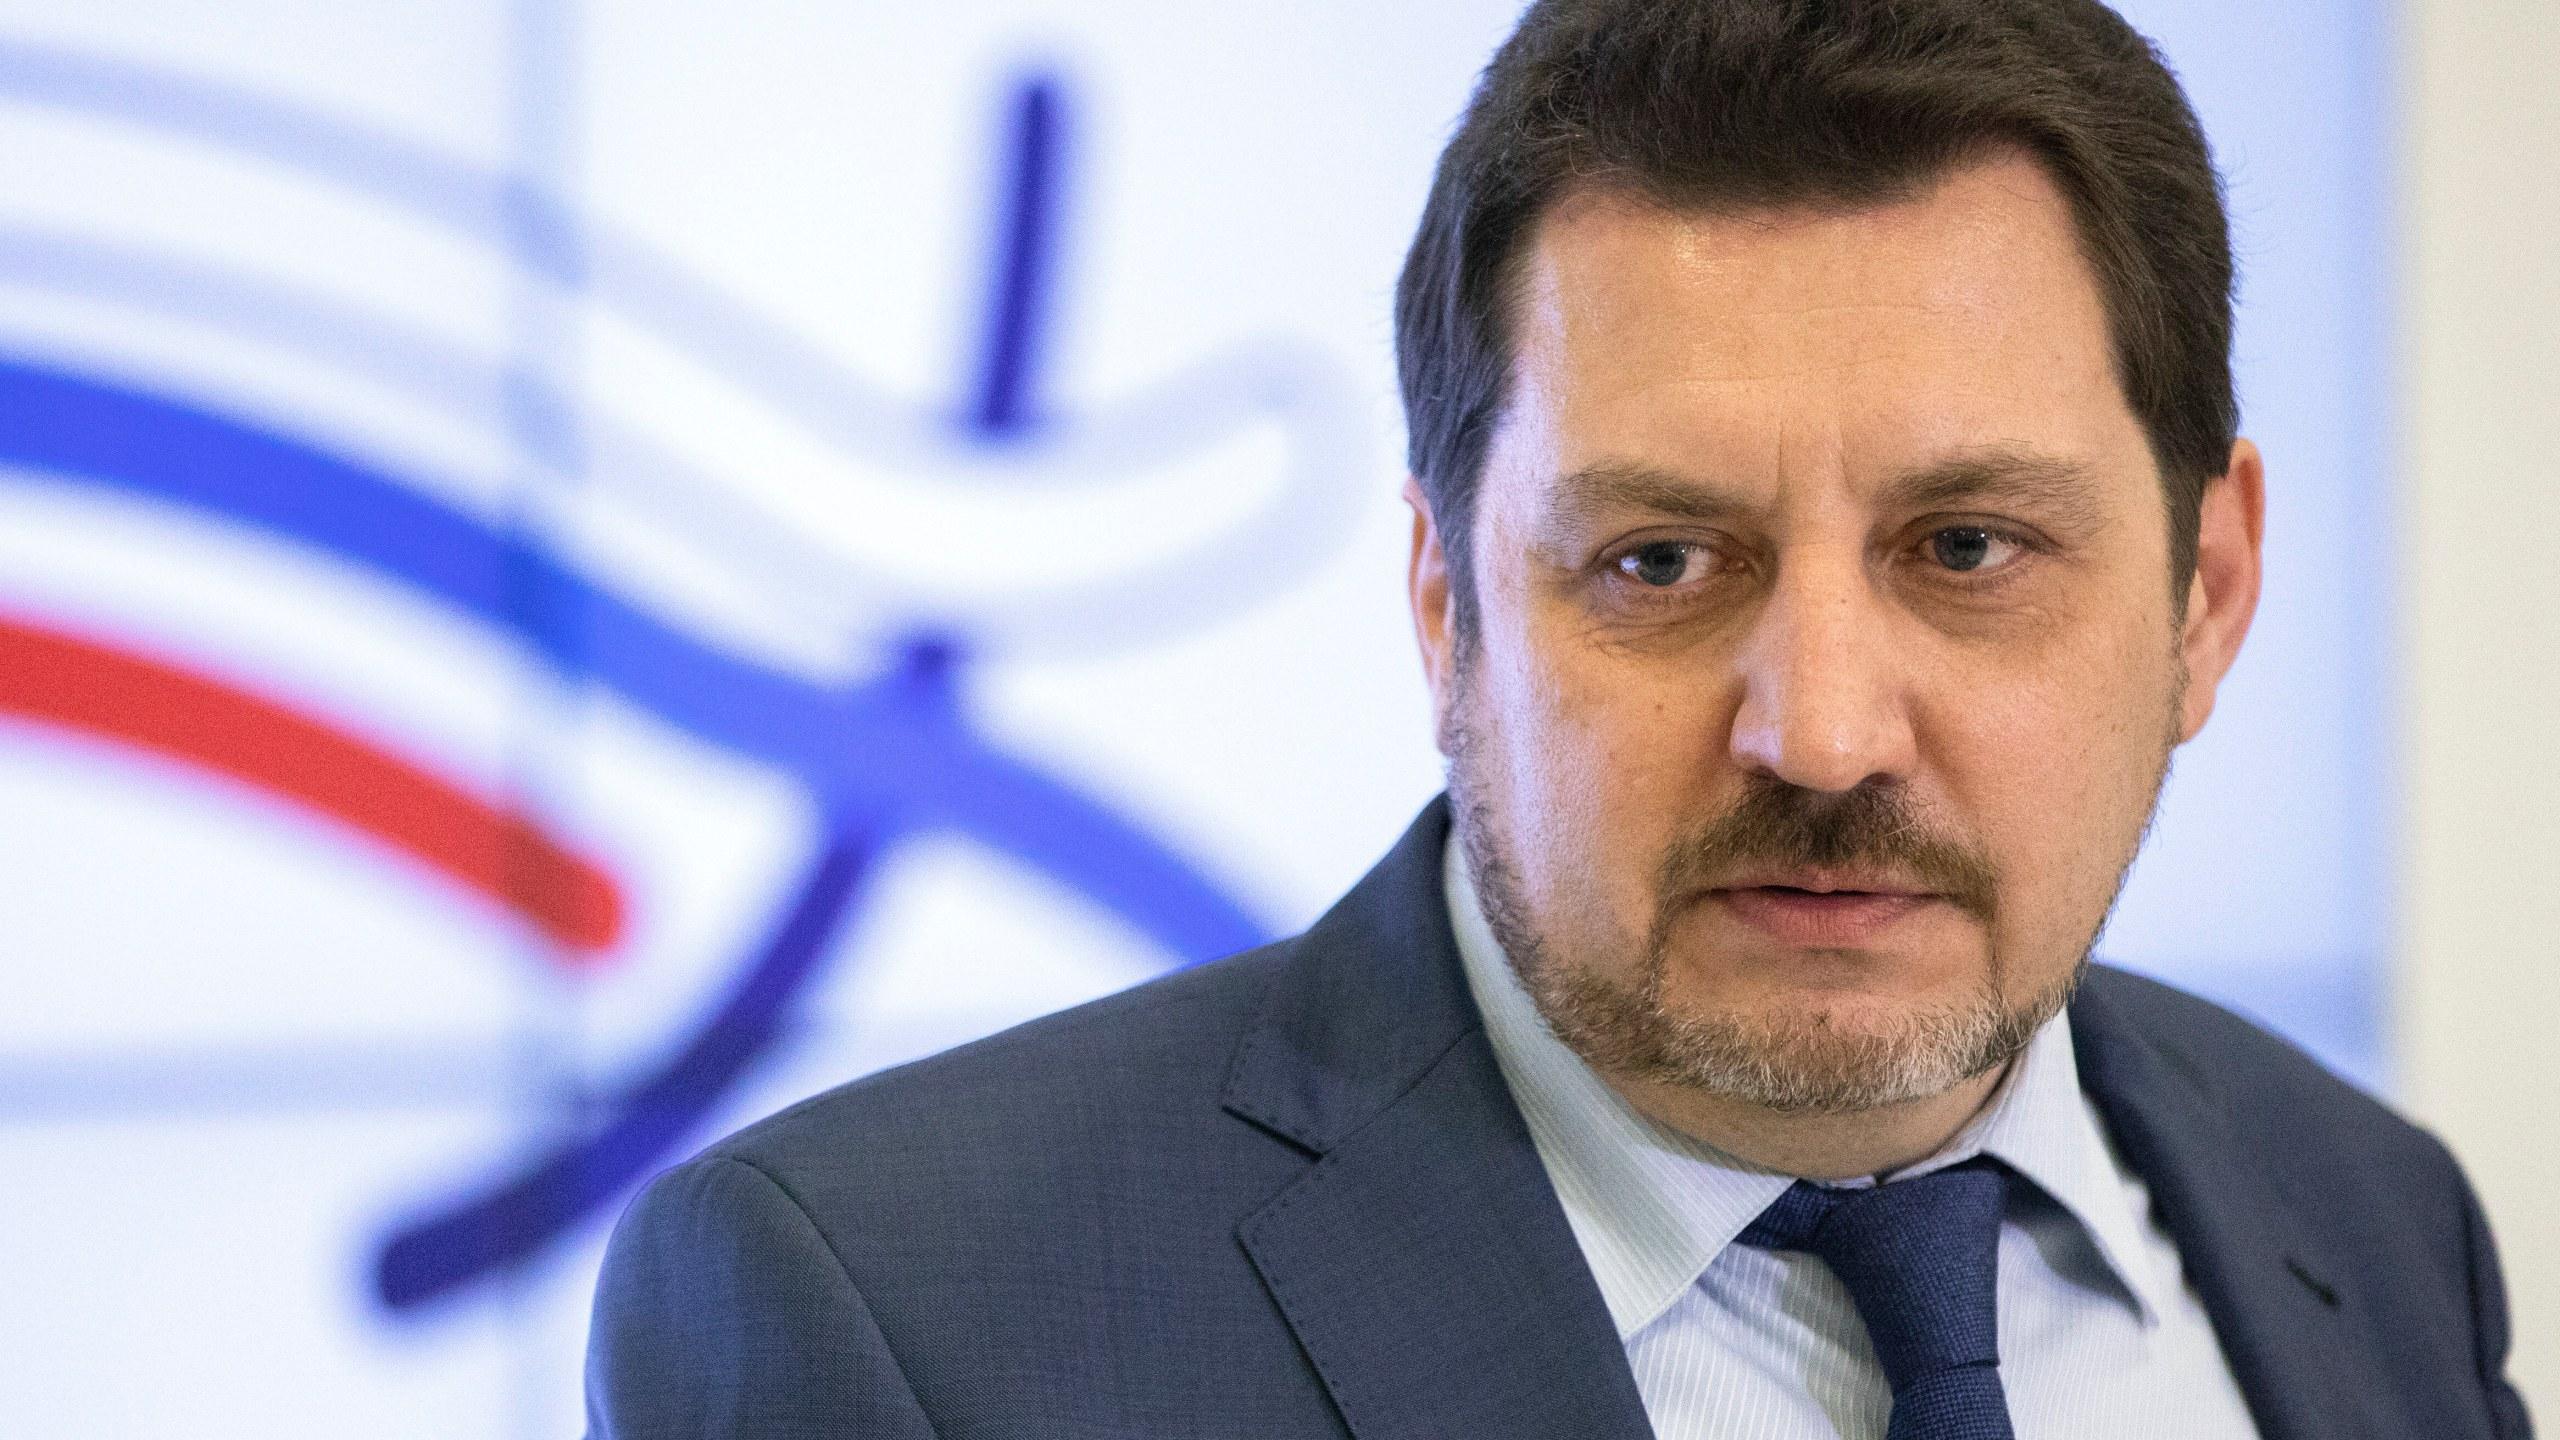 Yevgeny Yurchenko